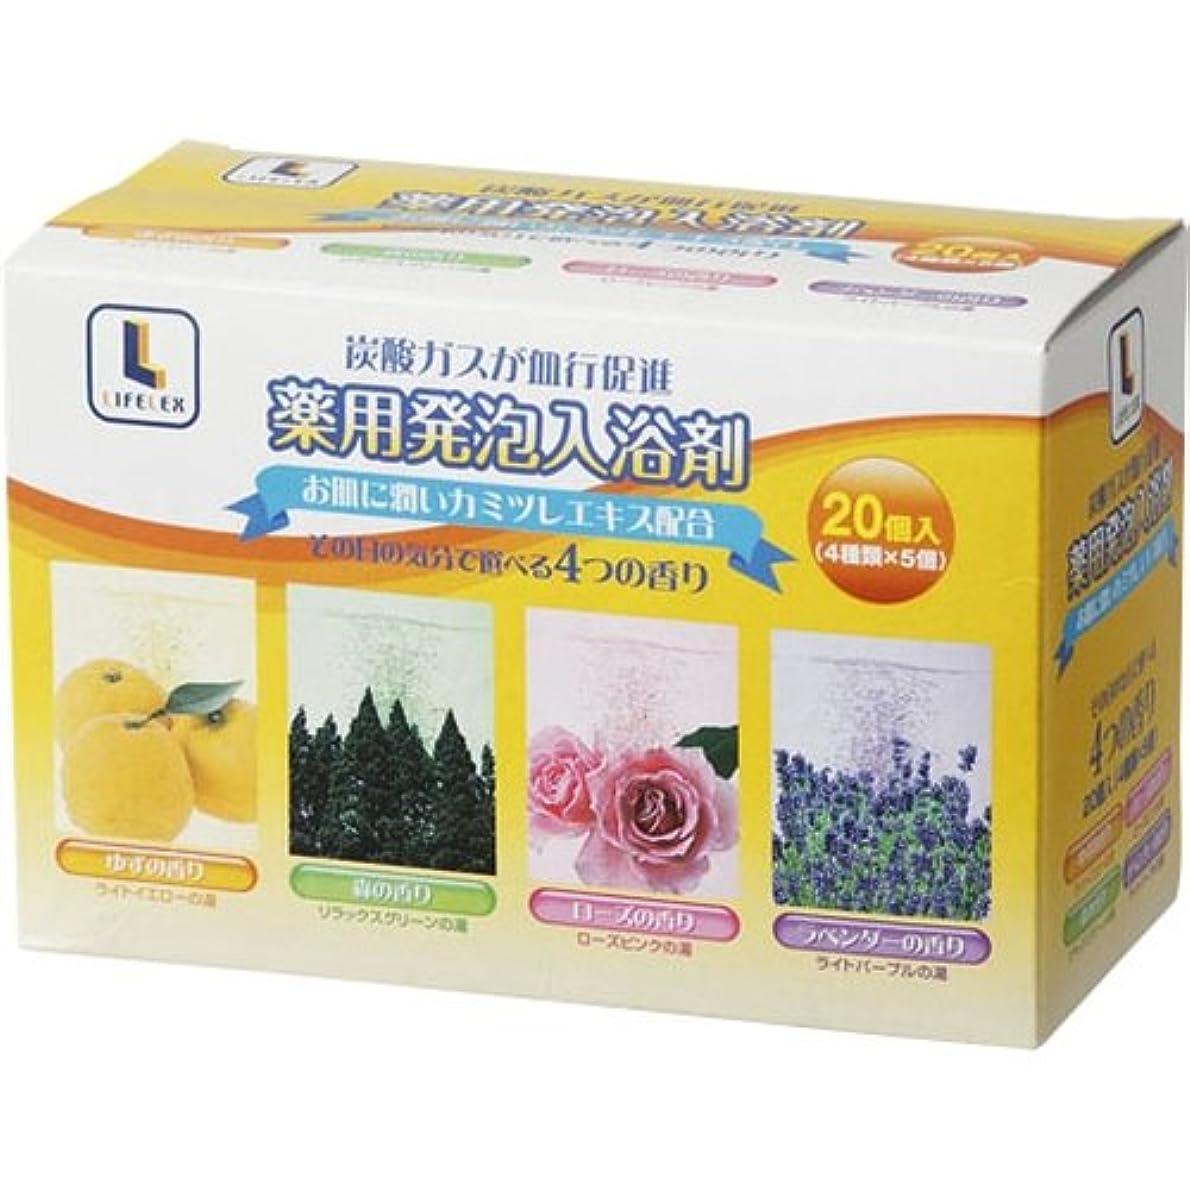 インクフリル文コーナンオリジナル 薬用発泡入浴剤 40g×20錠